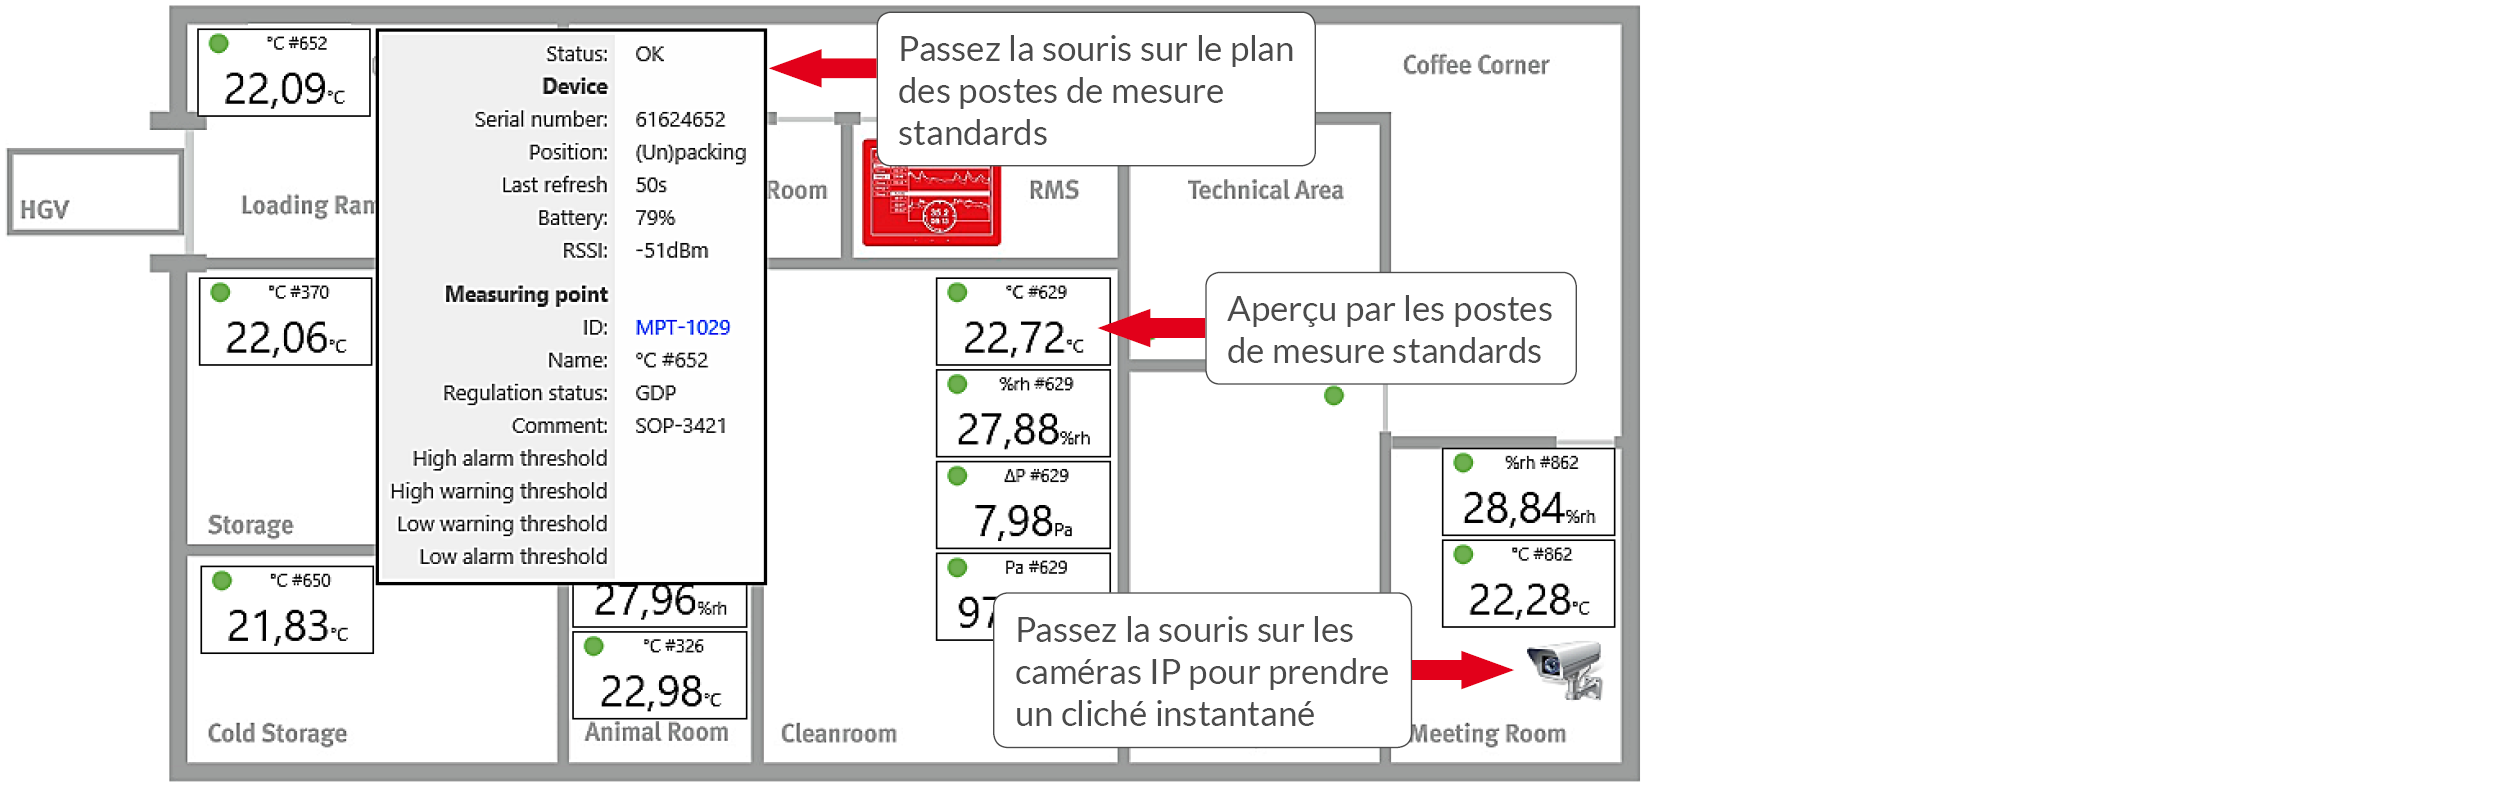 Monitoring System - Représentation par maquette